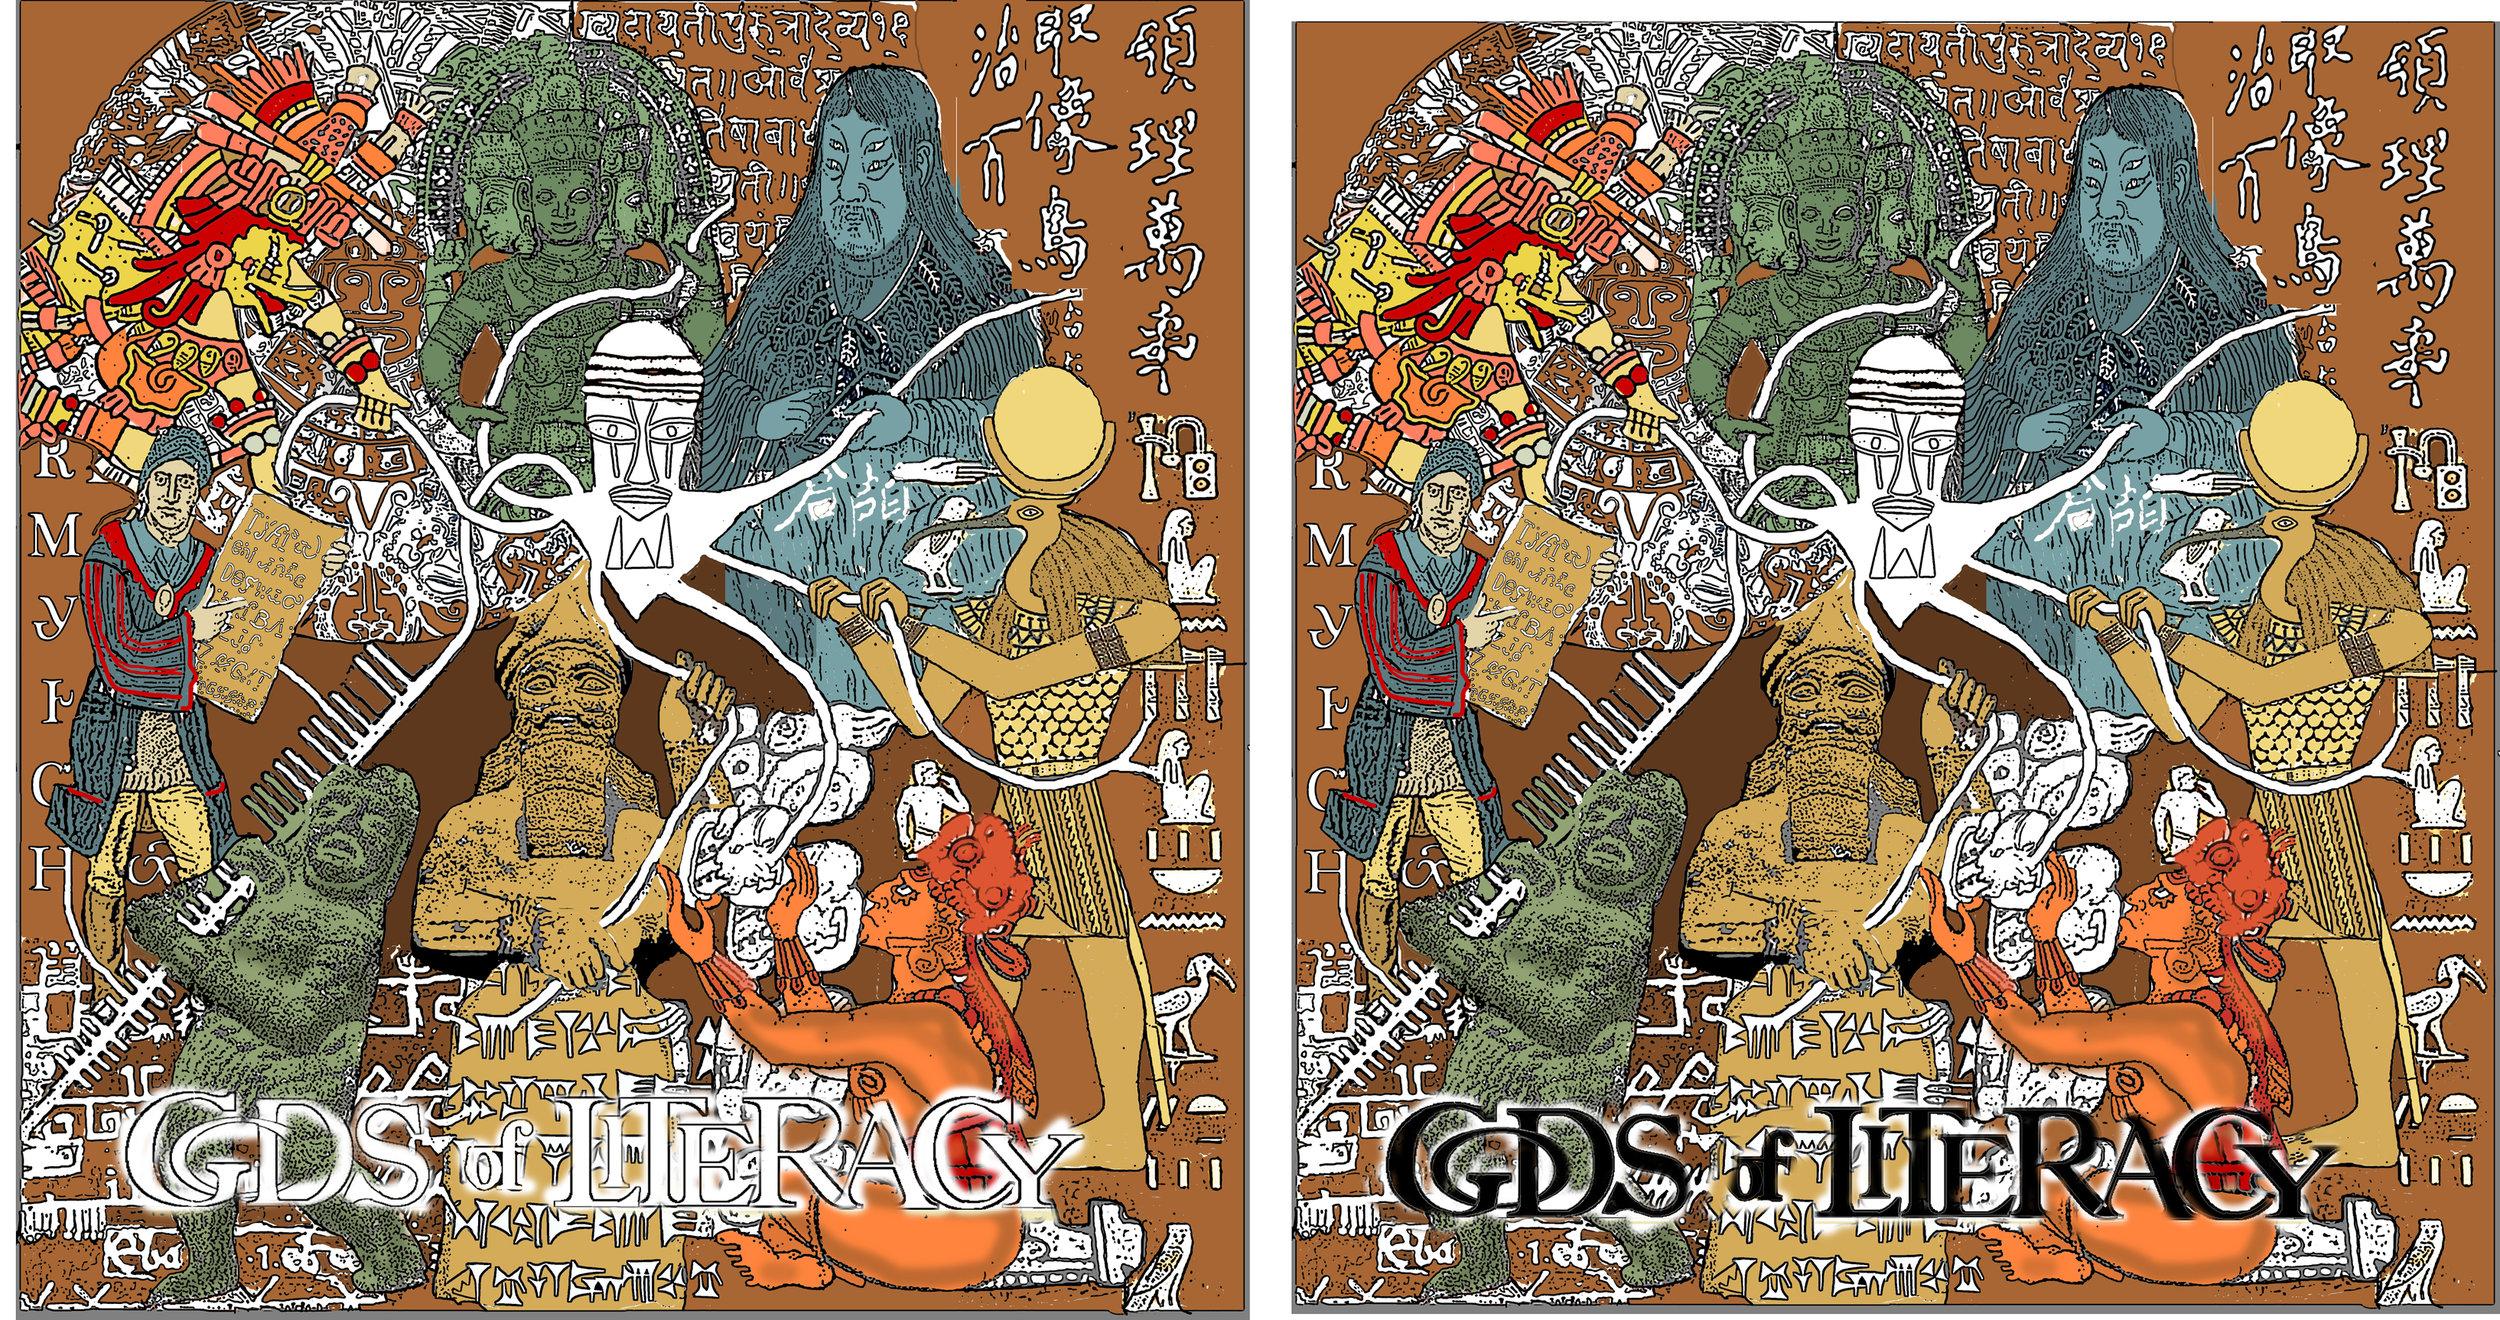 title comparison blog.jpg